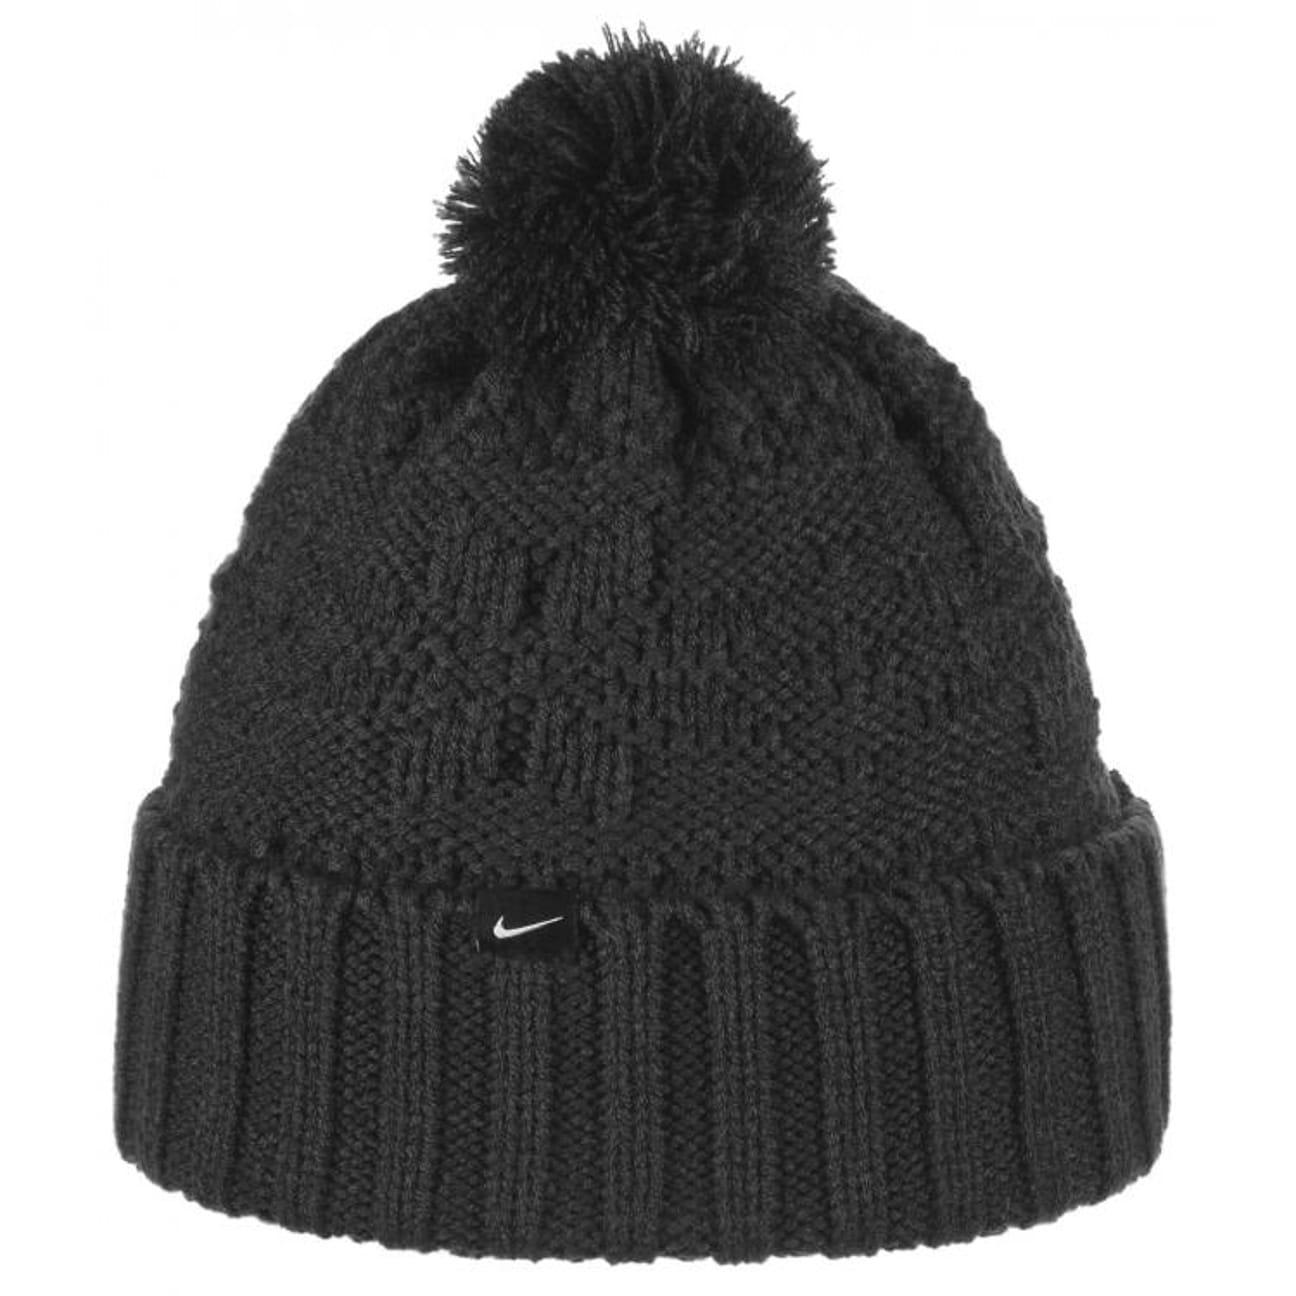 Bonnet à Pompon pour Femme by Nike , noir 1